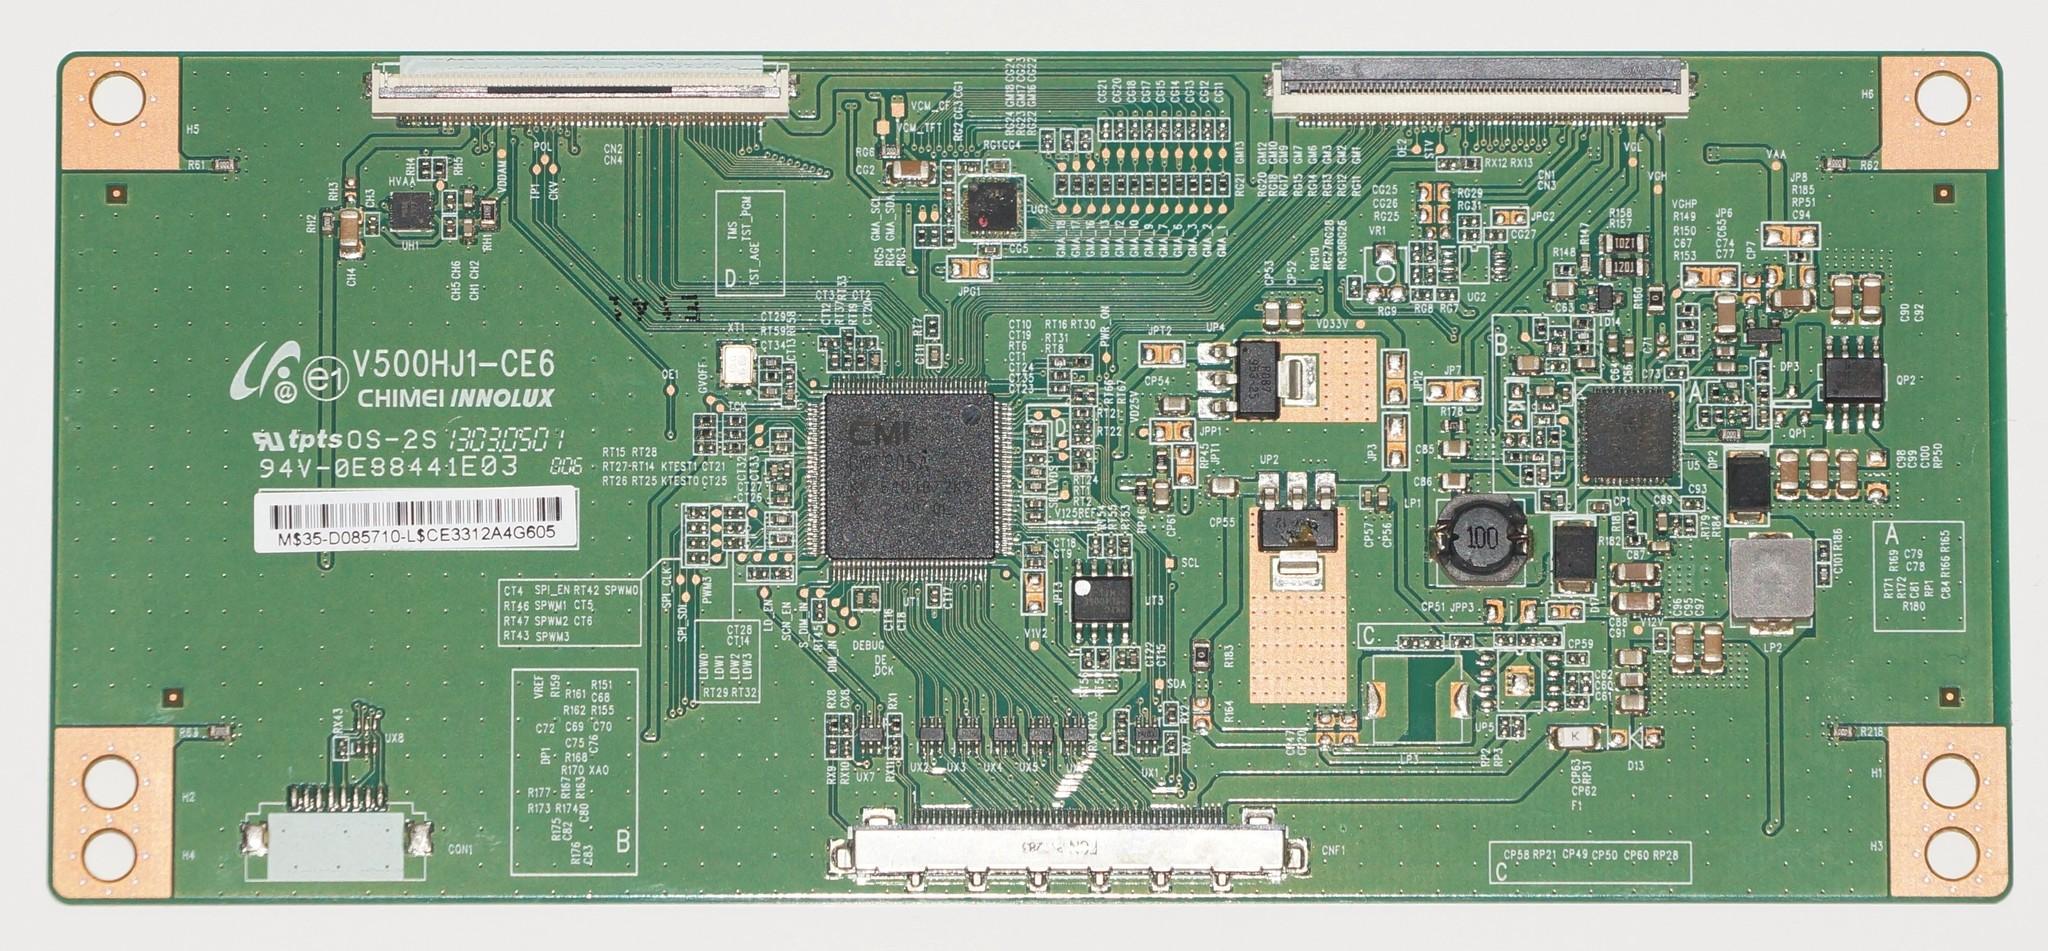 V500HJ1-CE6 t-con телевизора Philips 50